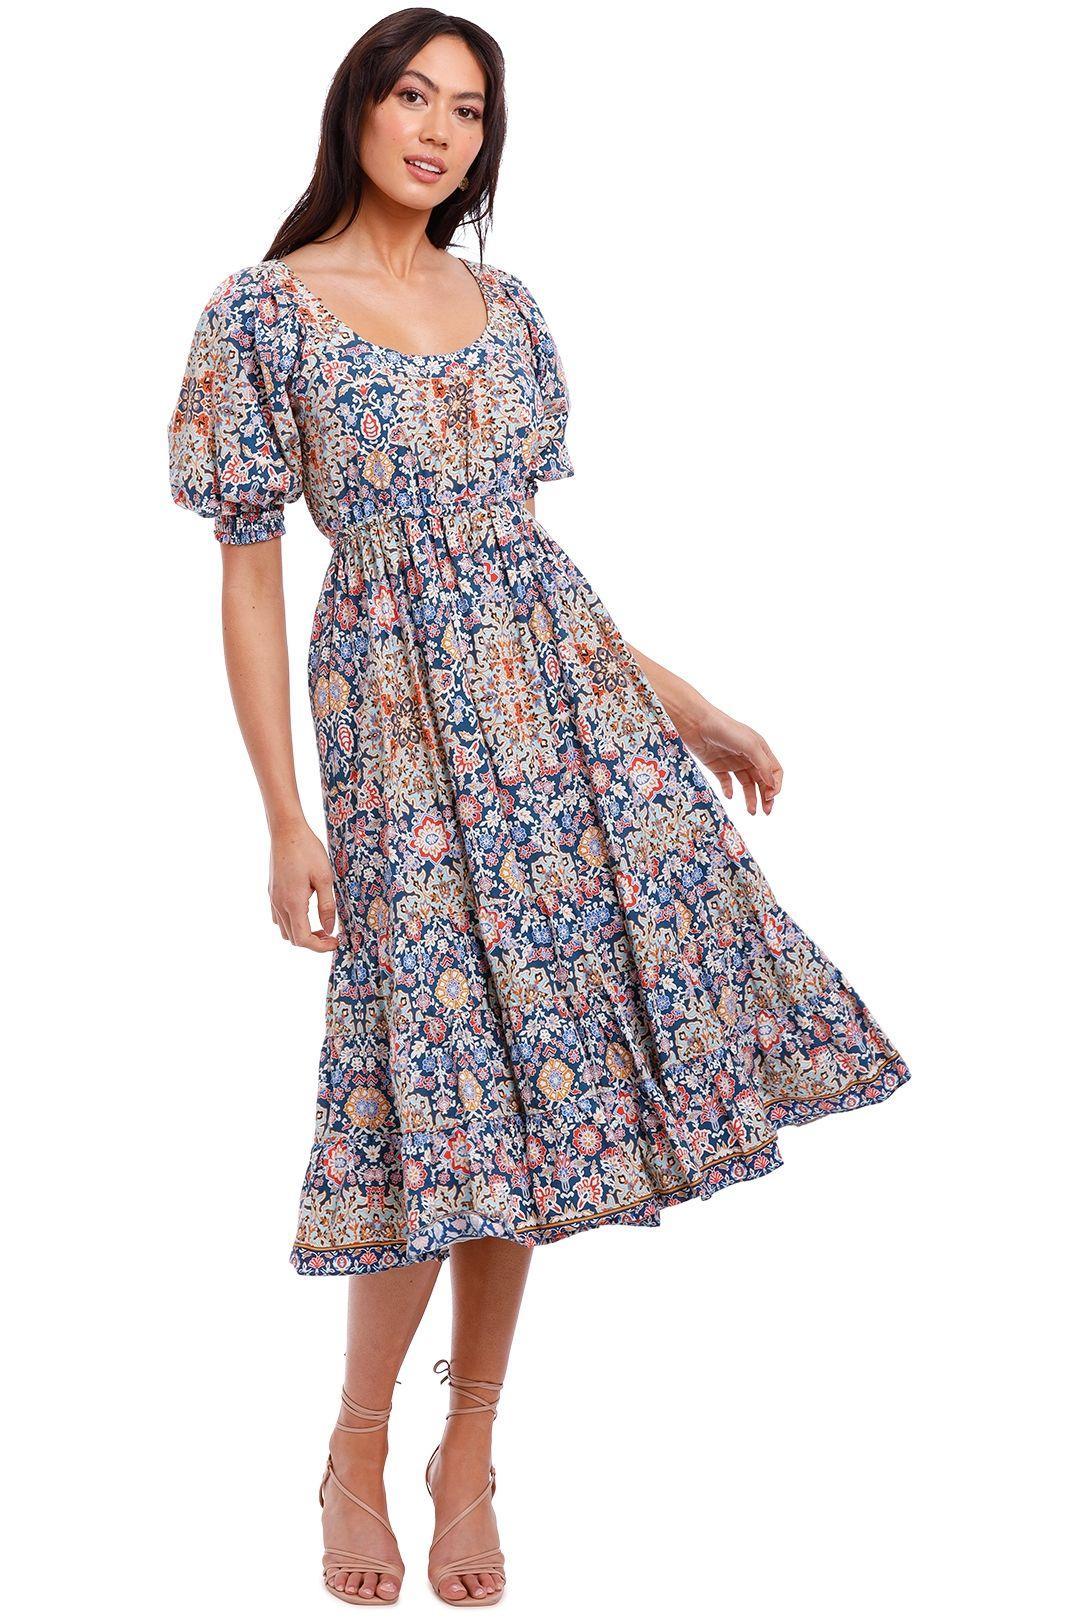 Kachel Kelly Elasticated Waist Cotton Midi Dress